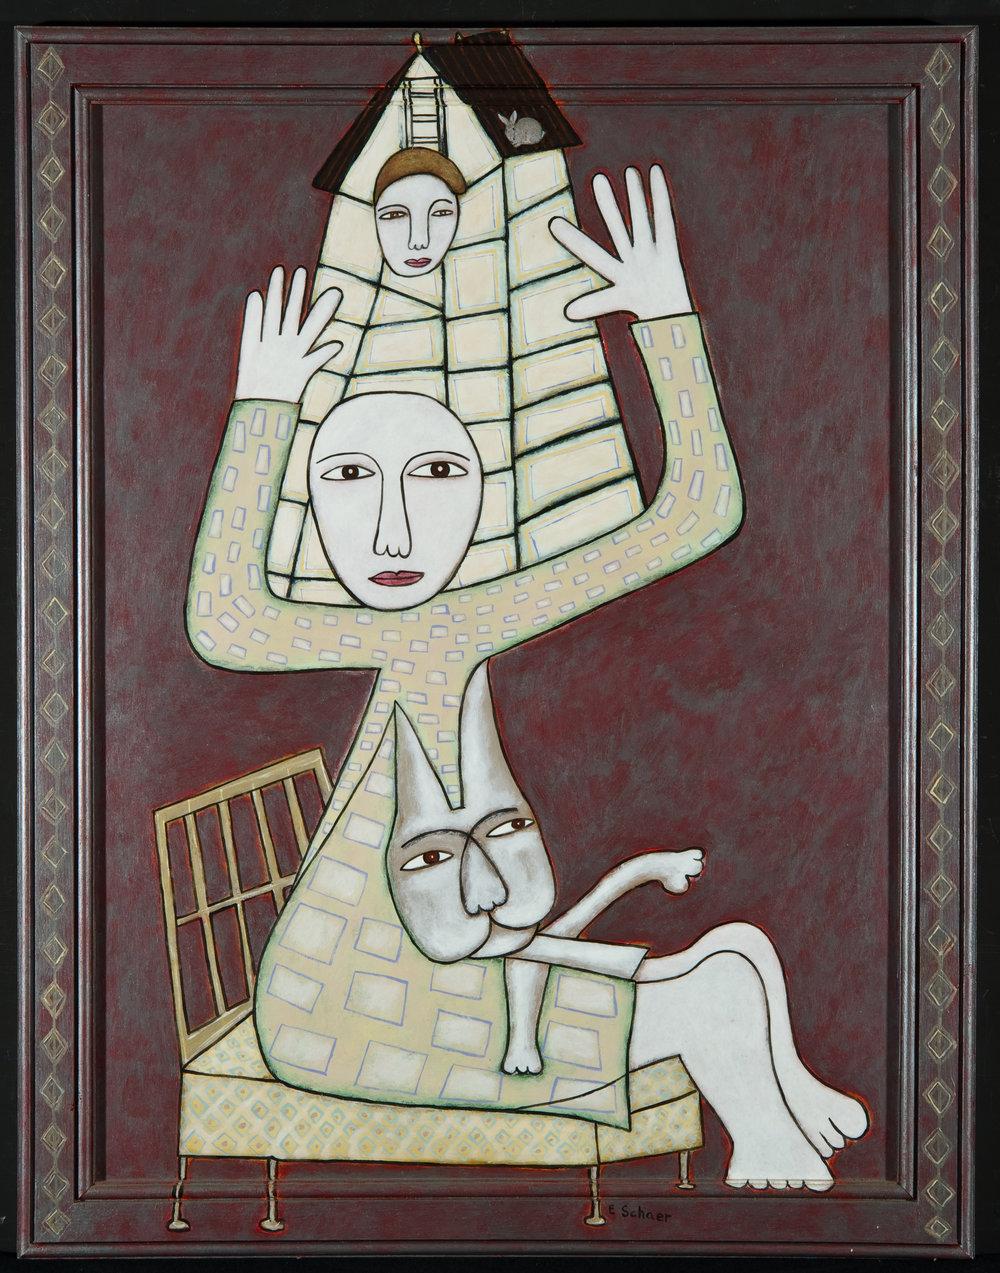 6.Eileen Schaer 'The Apparition' 89 x 71 cms (1).jpg